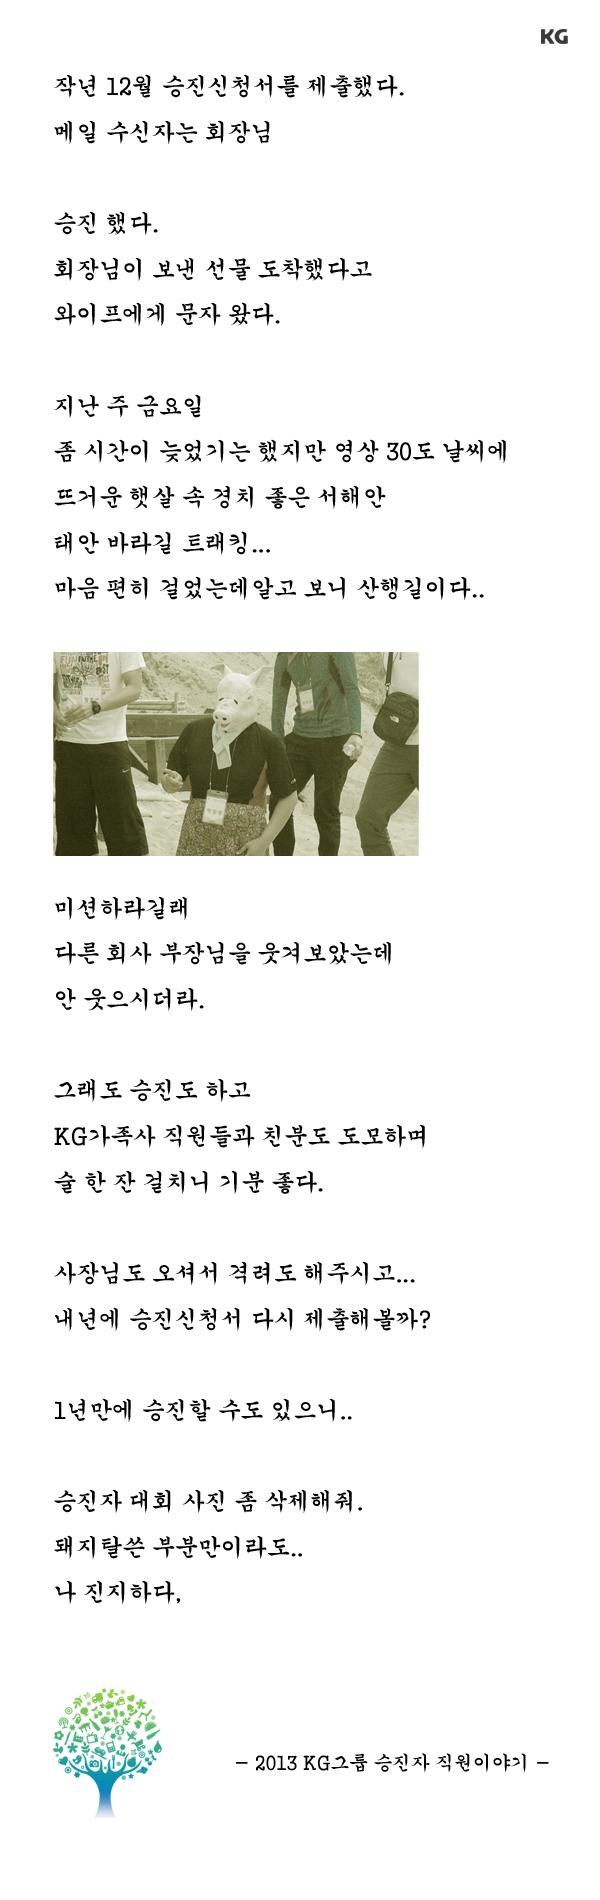 KG그룹, 승진자대회, 태안바라길